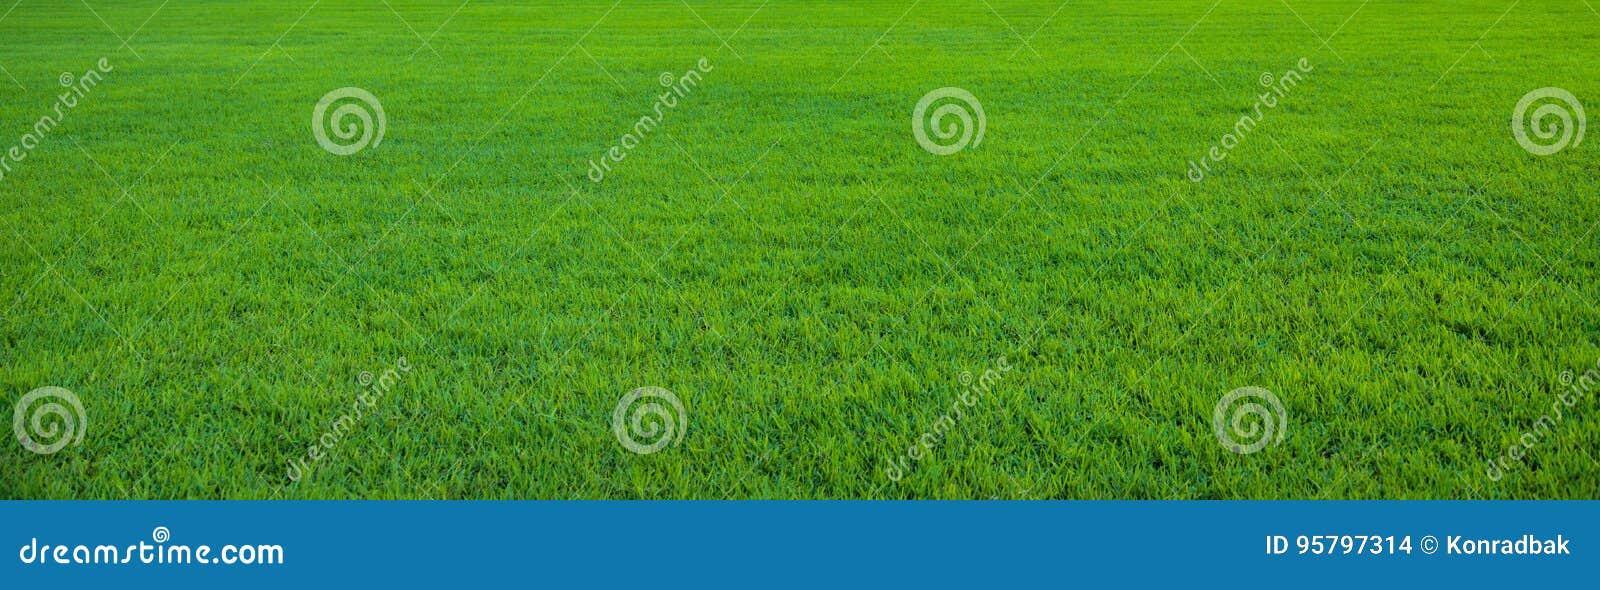 Fundo do teste padrão bonito da grama verde